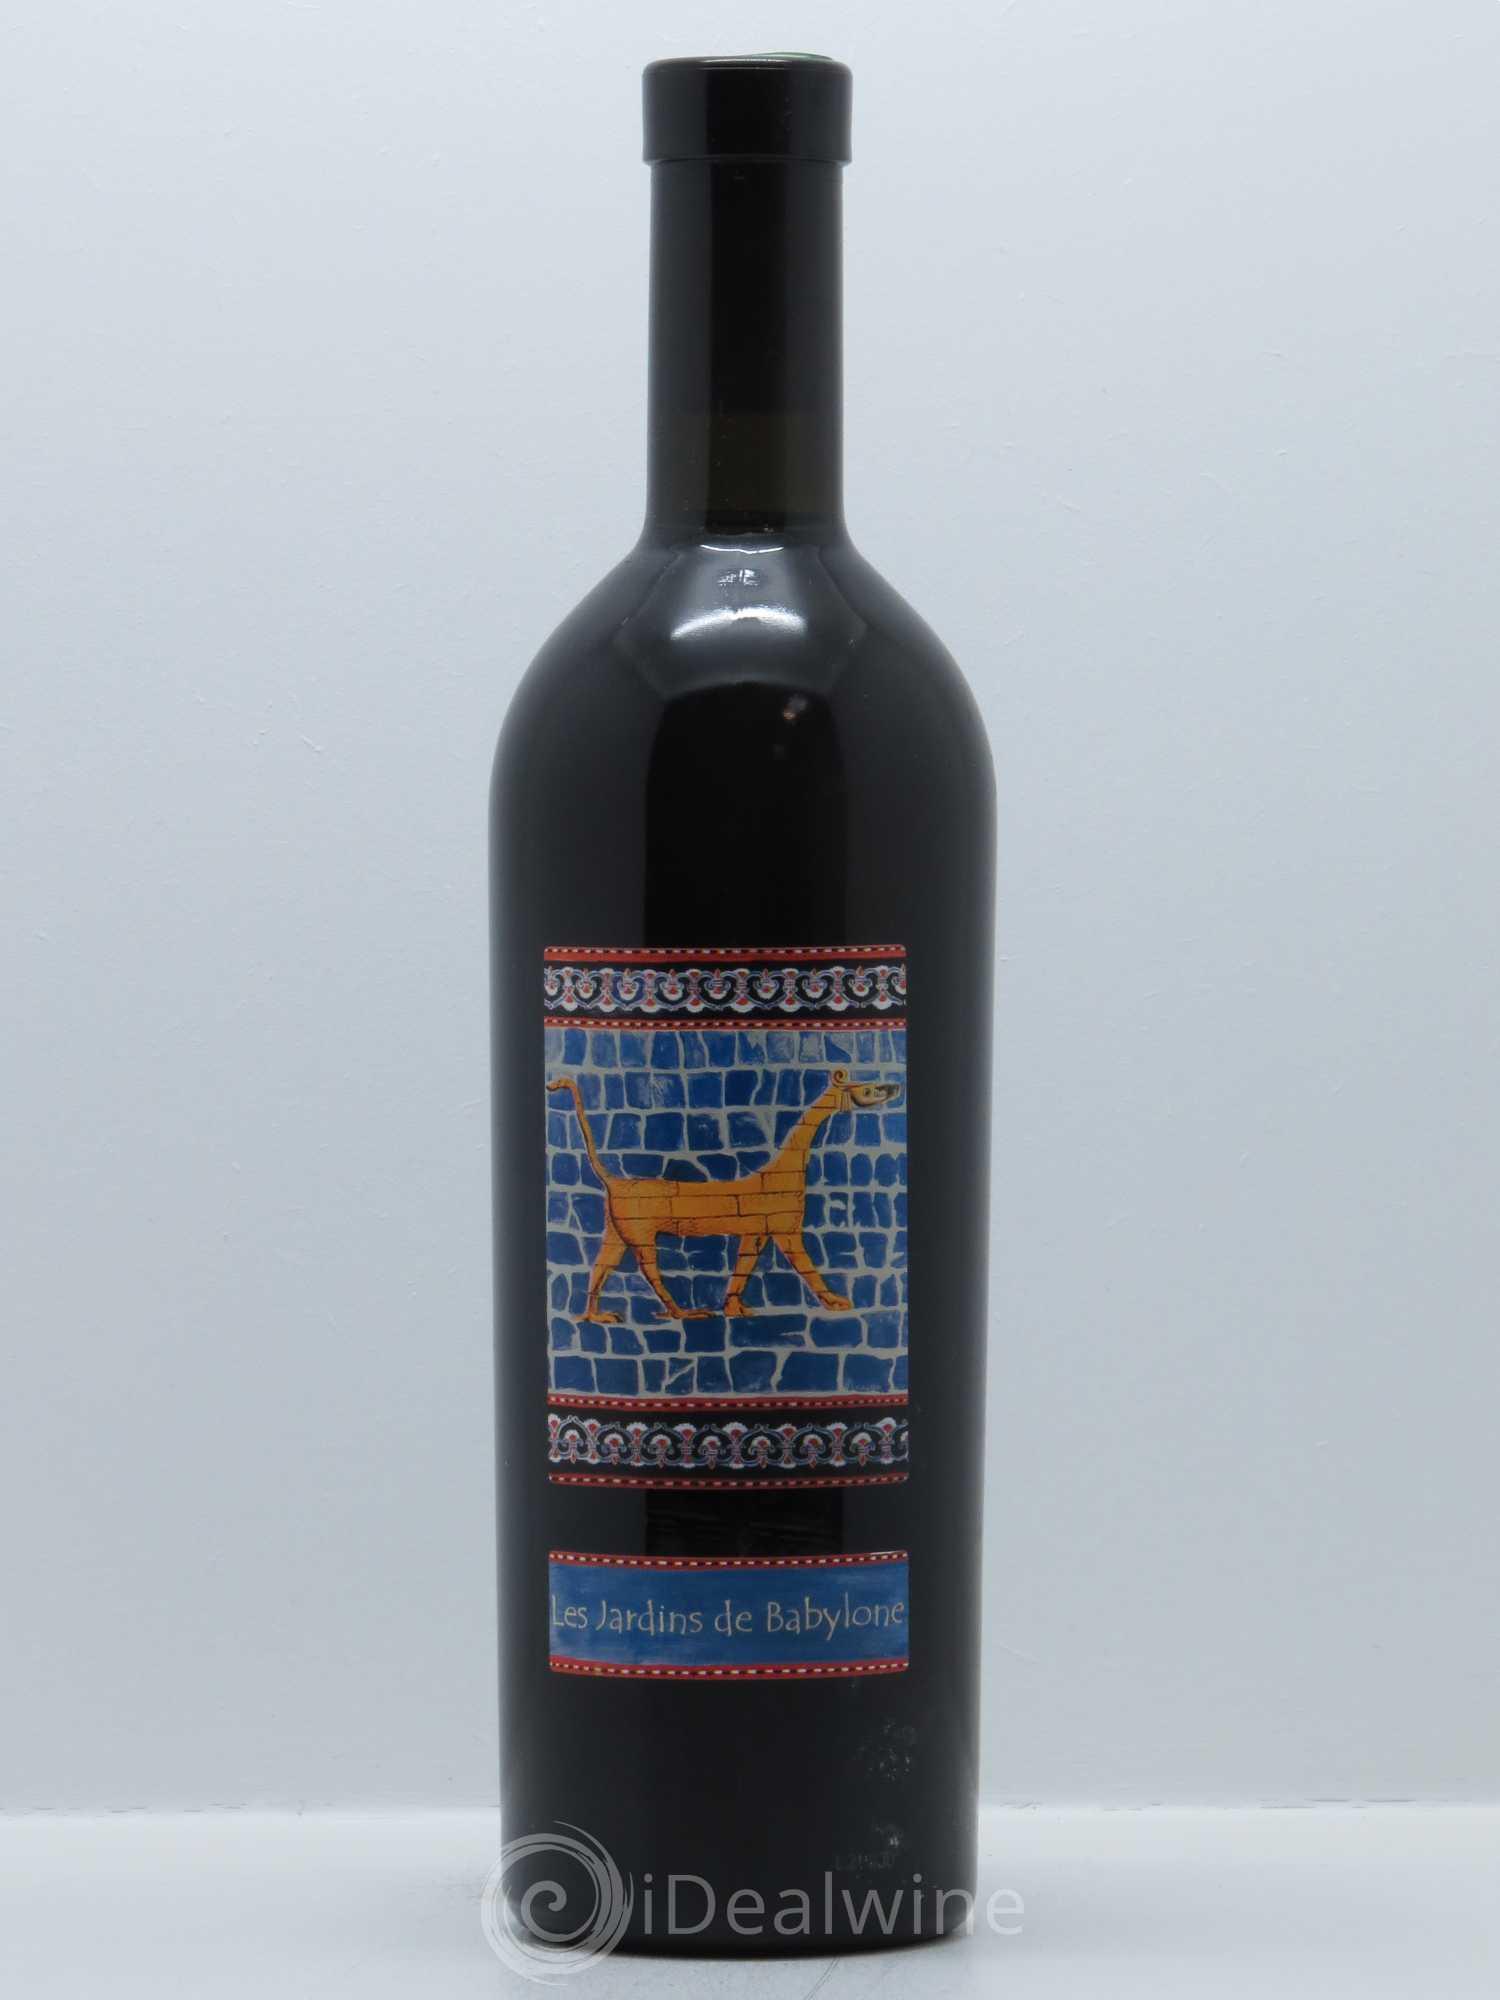 Liste des vins de juran on jardins de babylone didier for Jardin de babylone wine